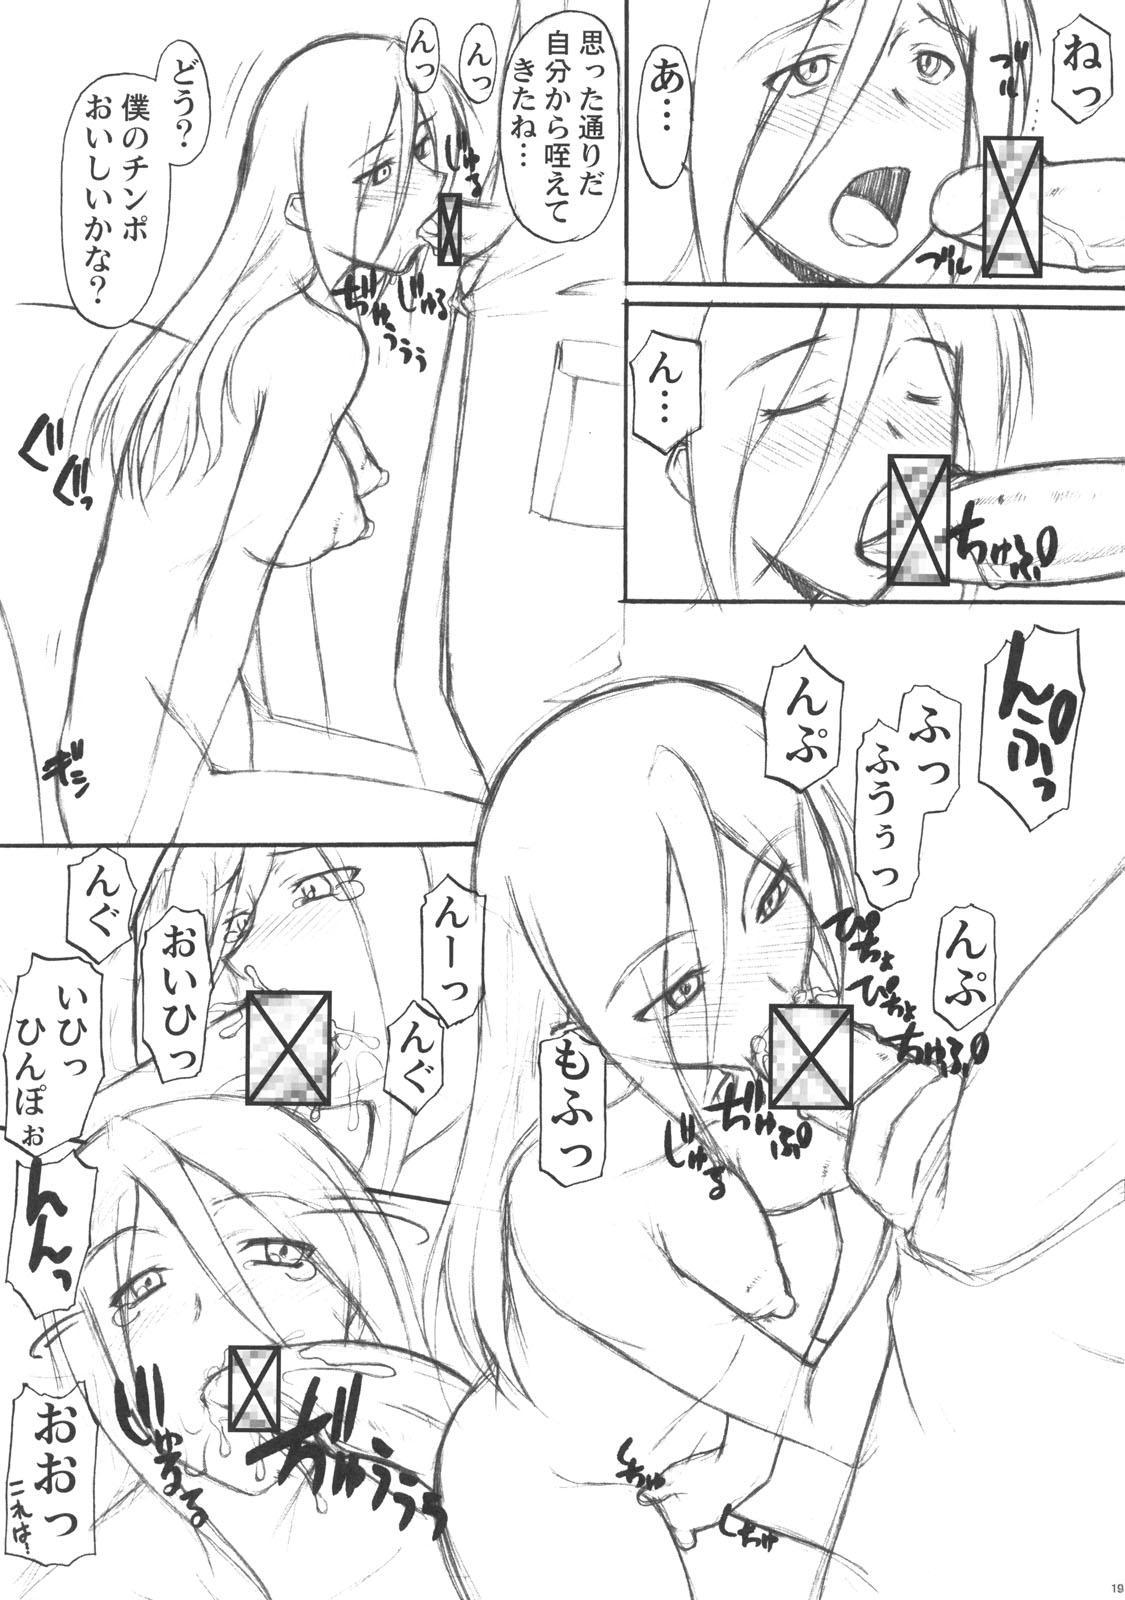 Tokusen! Yonka no Hon 19